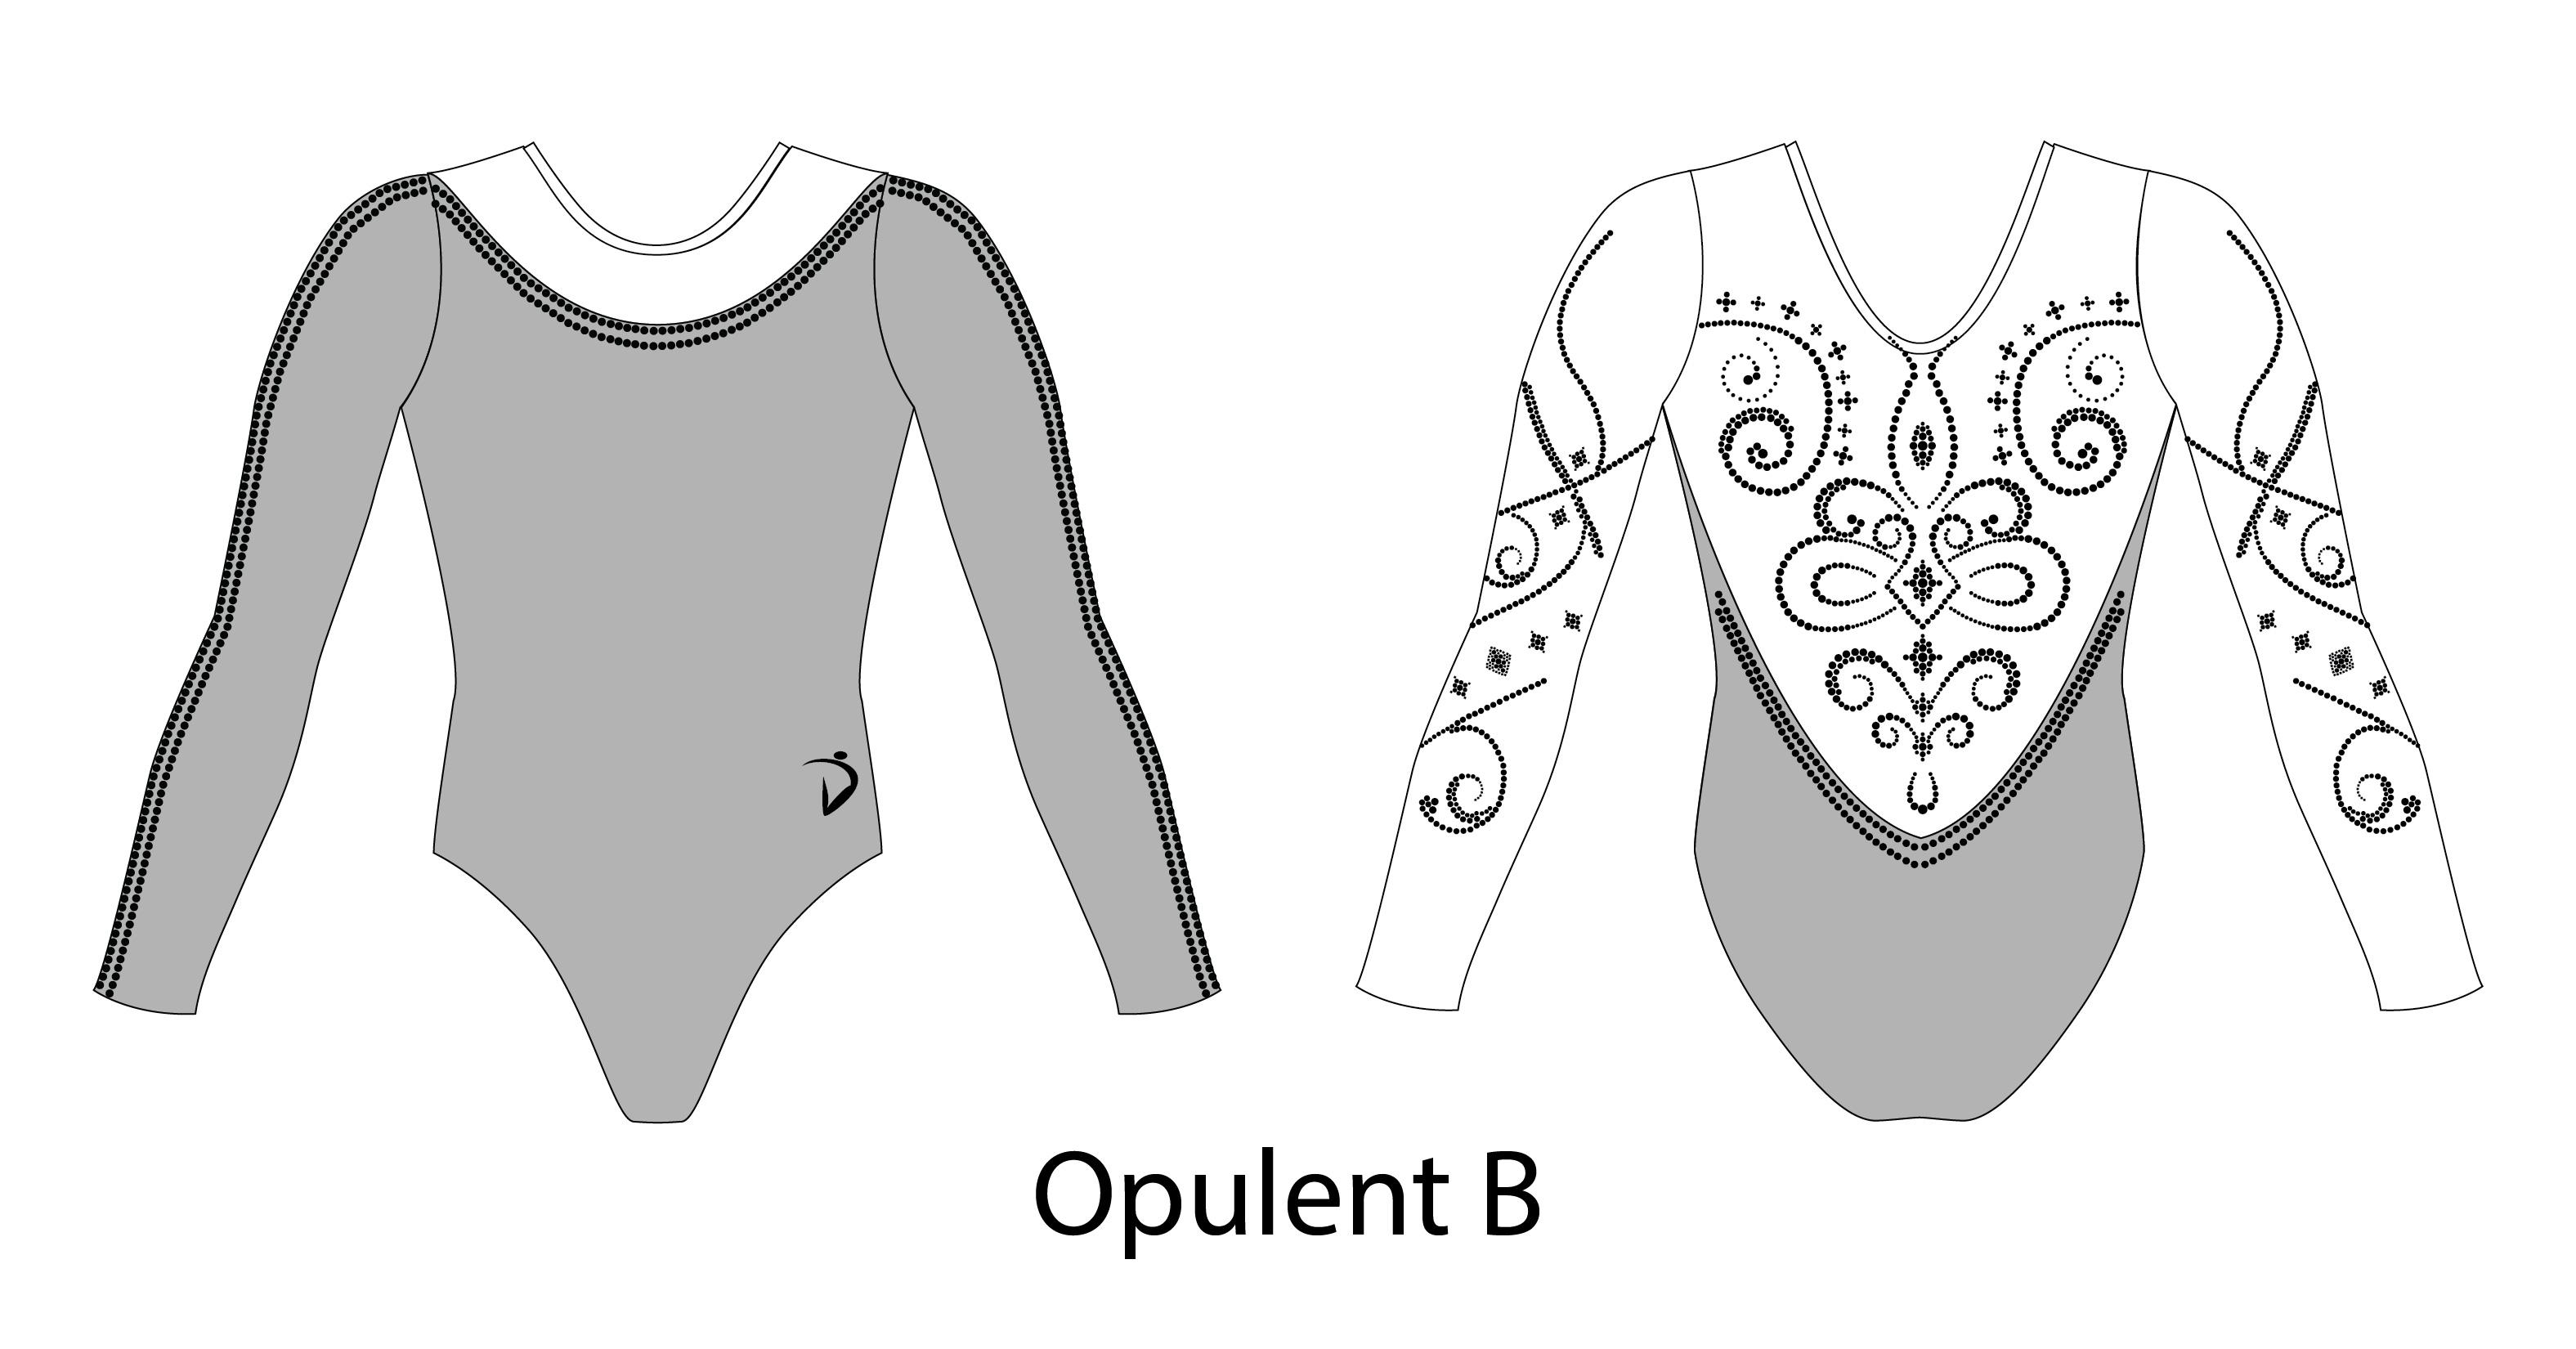 Opulent B